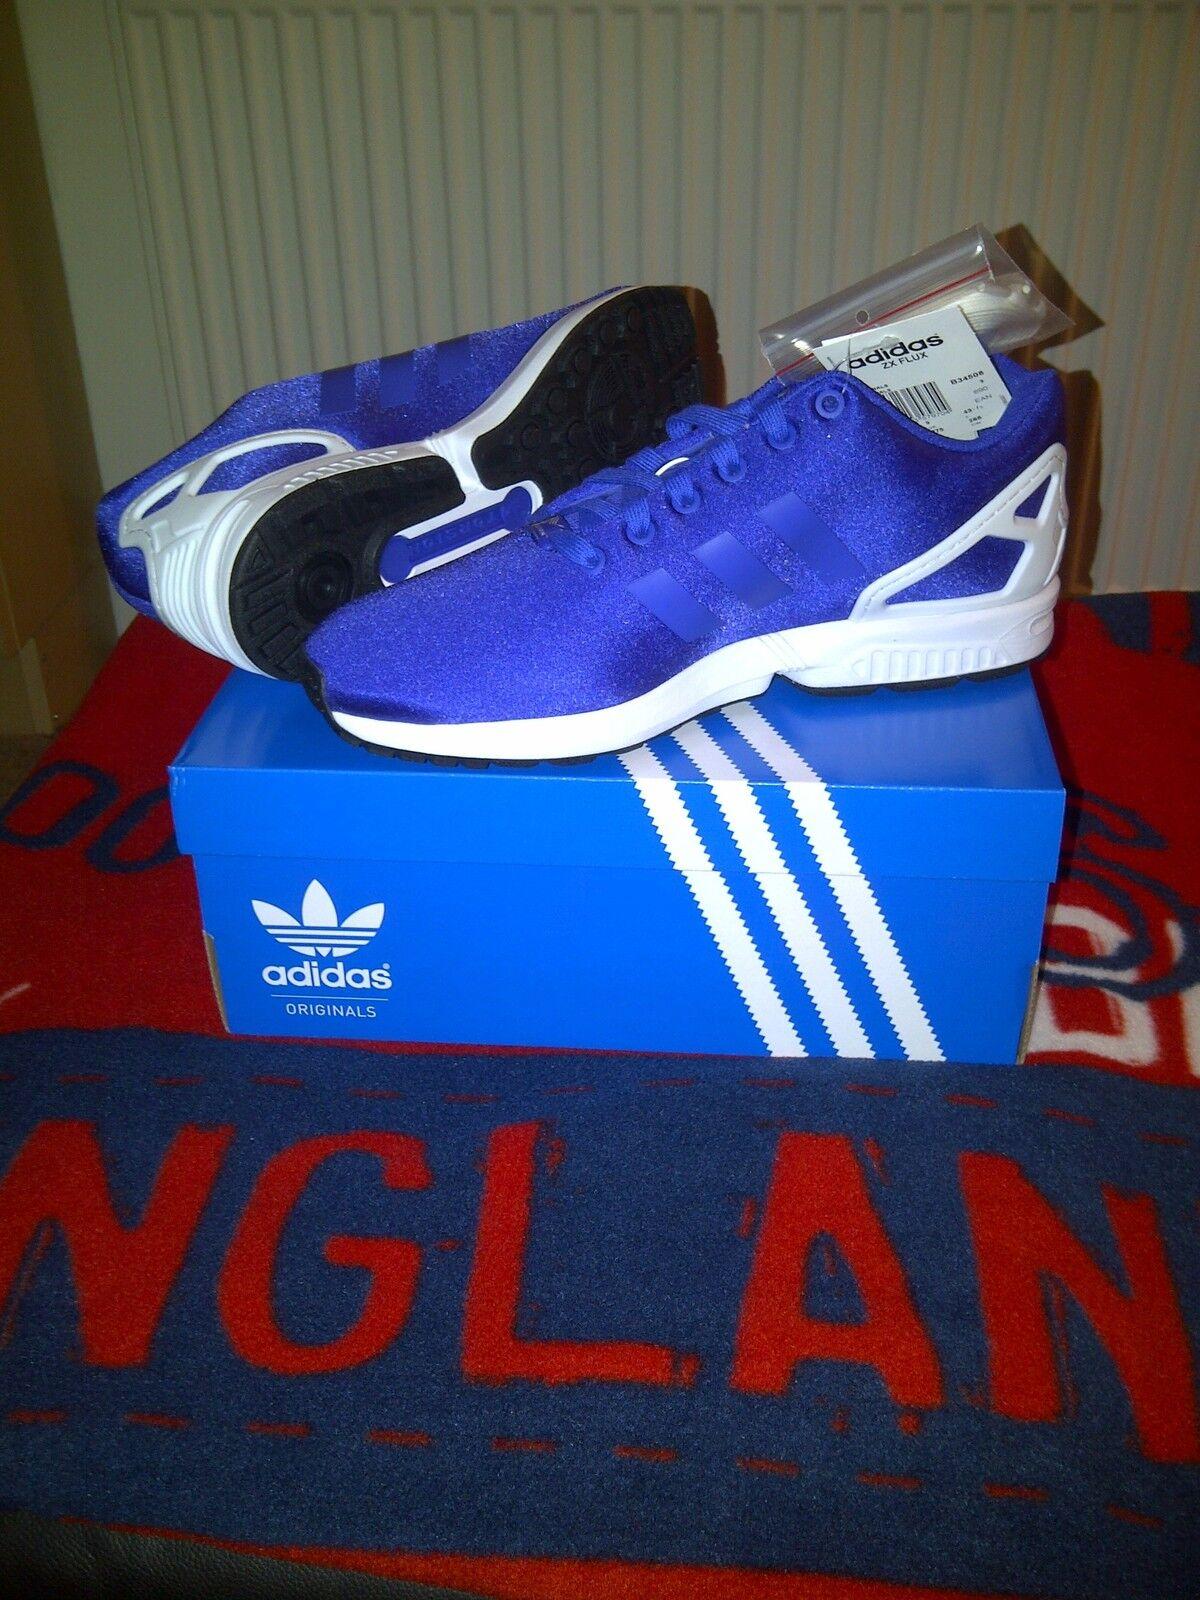 Adidas ZX Flux VIOLA... 100% Autentico Scarpe Da Ginnastica... misura 9 Regno Unito... EUR 43 1/3